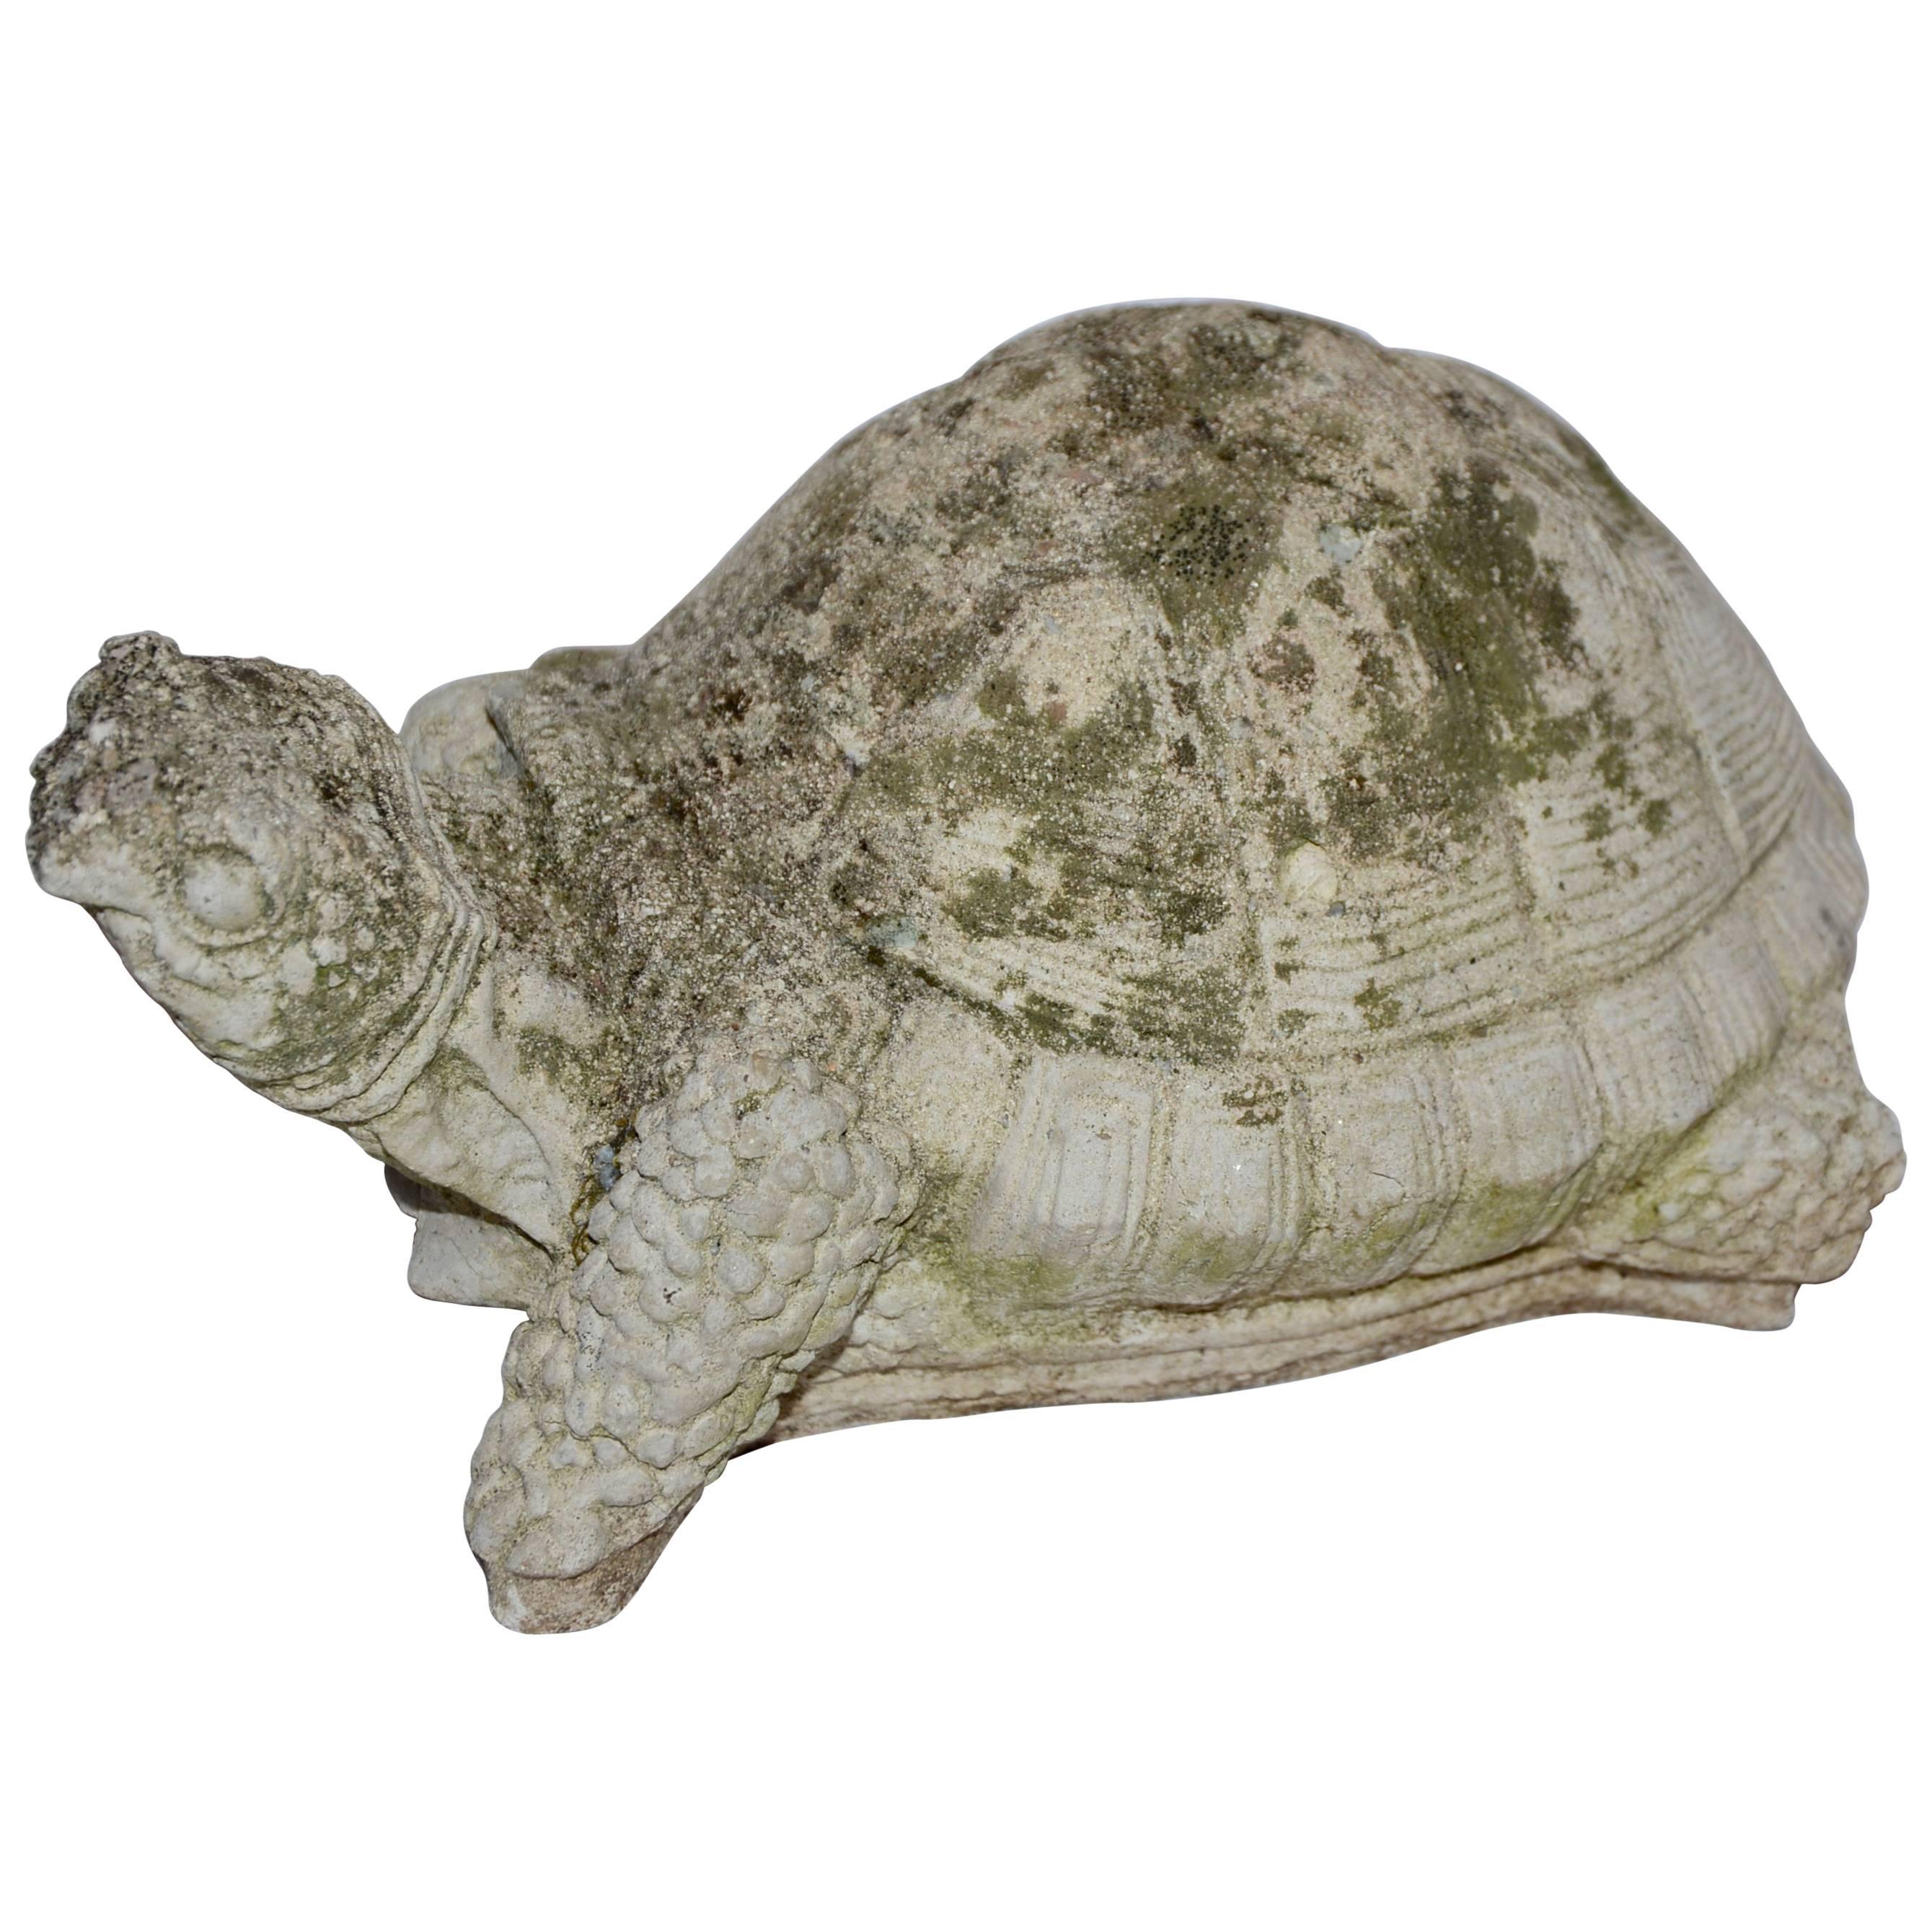 Concrete Turtle Garden Home Decor